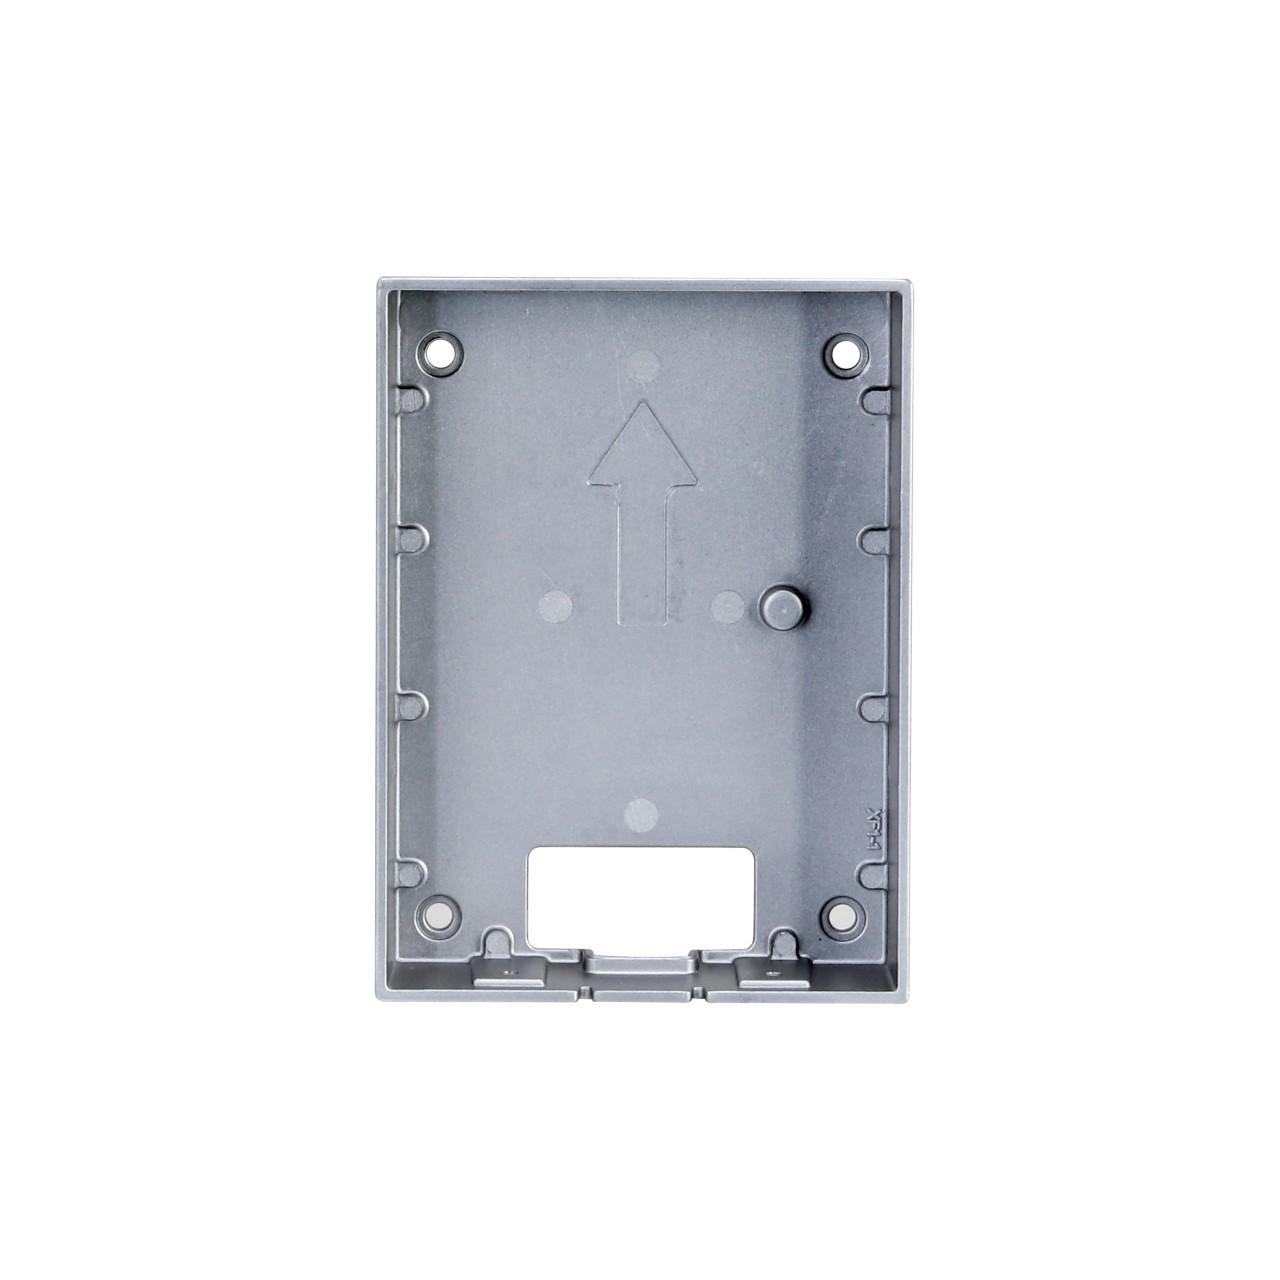 TURM IP Video Türsprechanlage Aufputz Einbaurahmen für die EFH Außenstation VT-AS02-K1